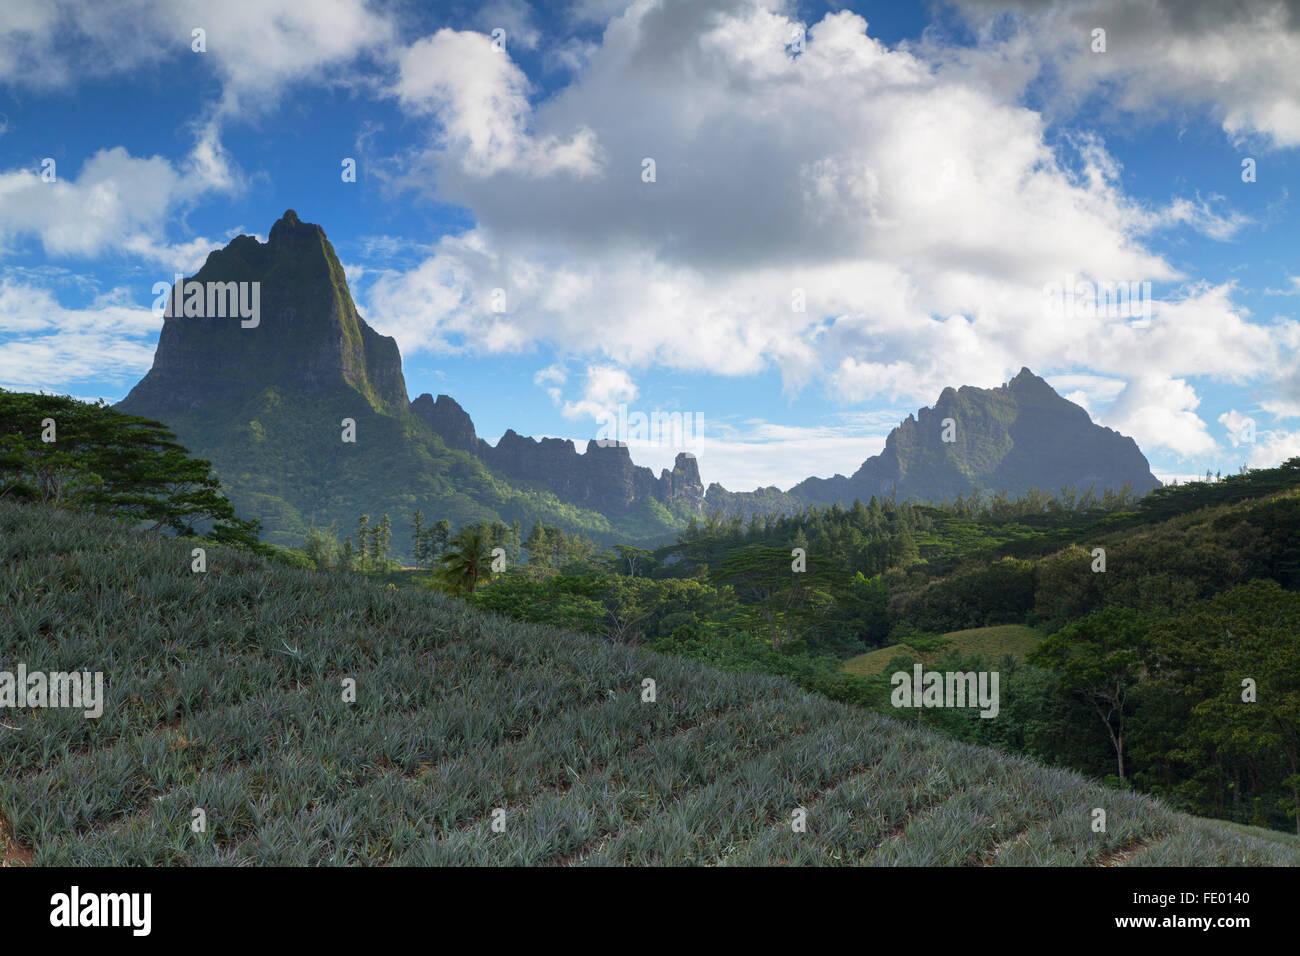 La piantagione di Ananas in Valle Paopao, Mo'Orea, Isole della Società, Polinesia Francese Immagini Stock